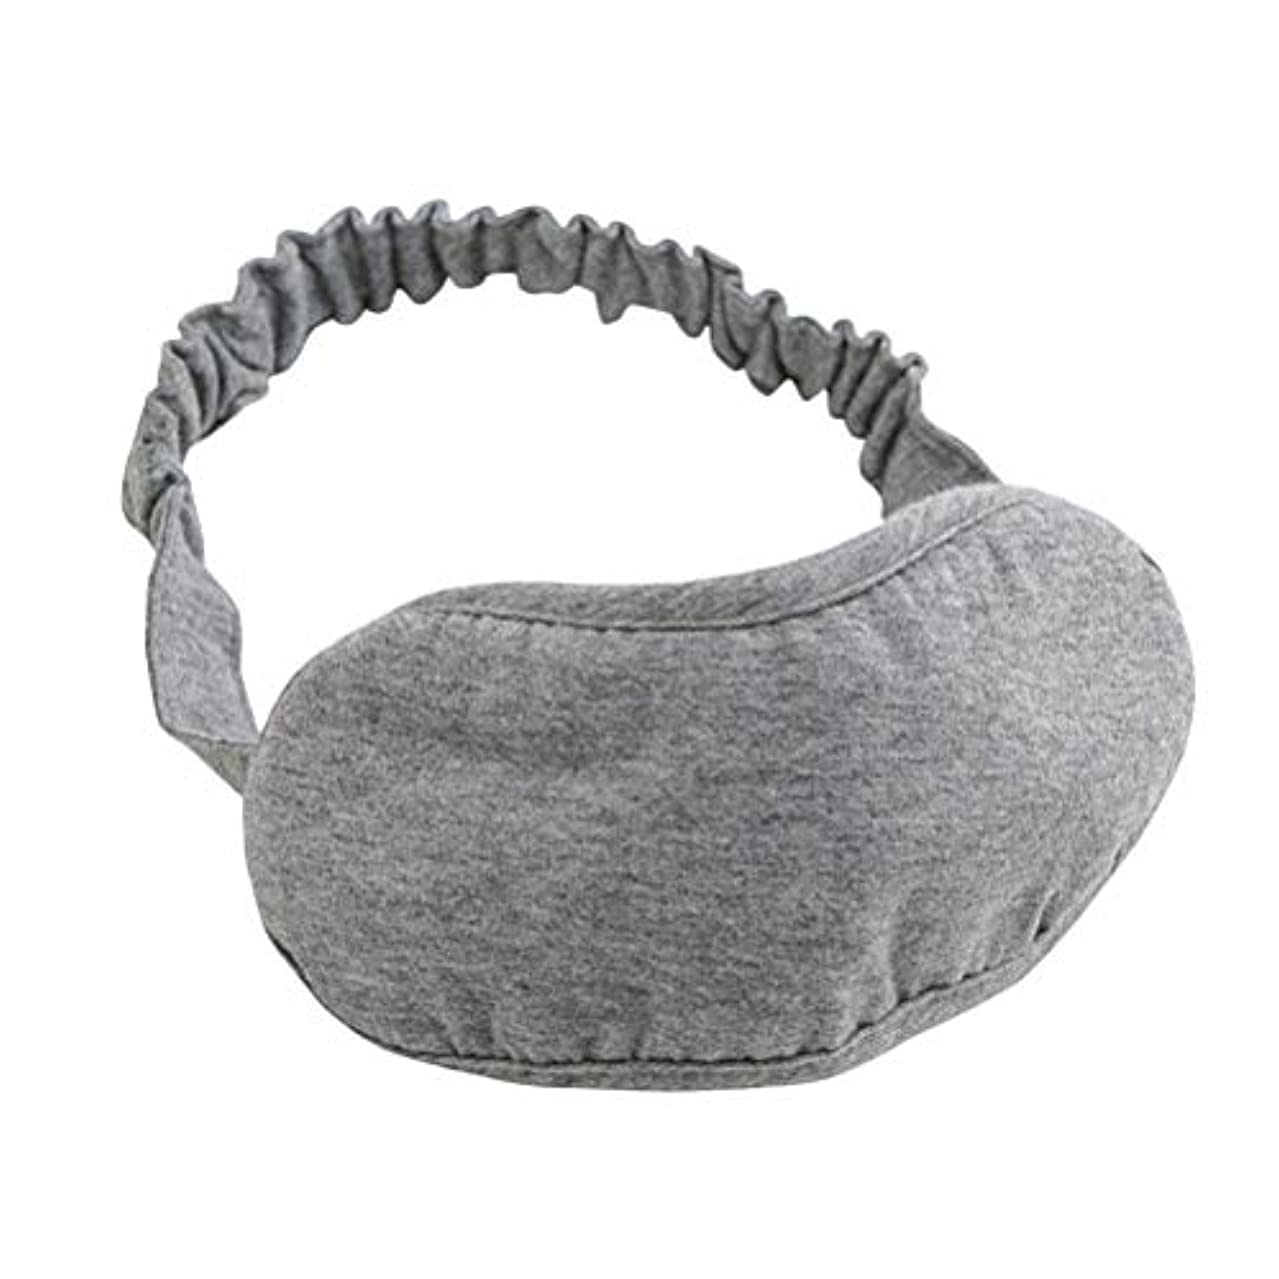 旅行クルーズ後者SUPVOX 睡眠マスクコットンアイマスク厚手の目隠しアイカバー女性のための子供たちの子供ホームベッド旅行のフライトカーキャンプオフィス使用(グレー)